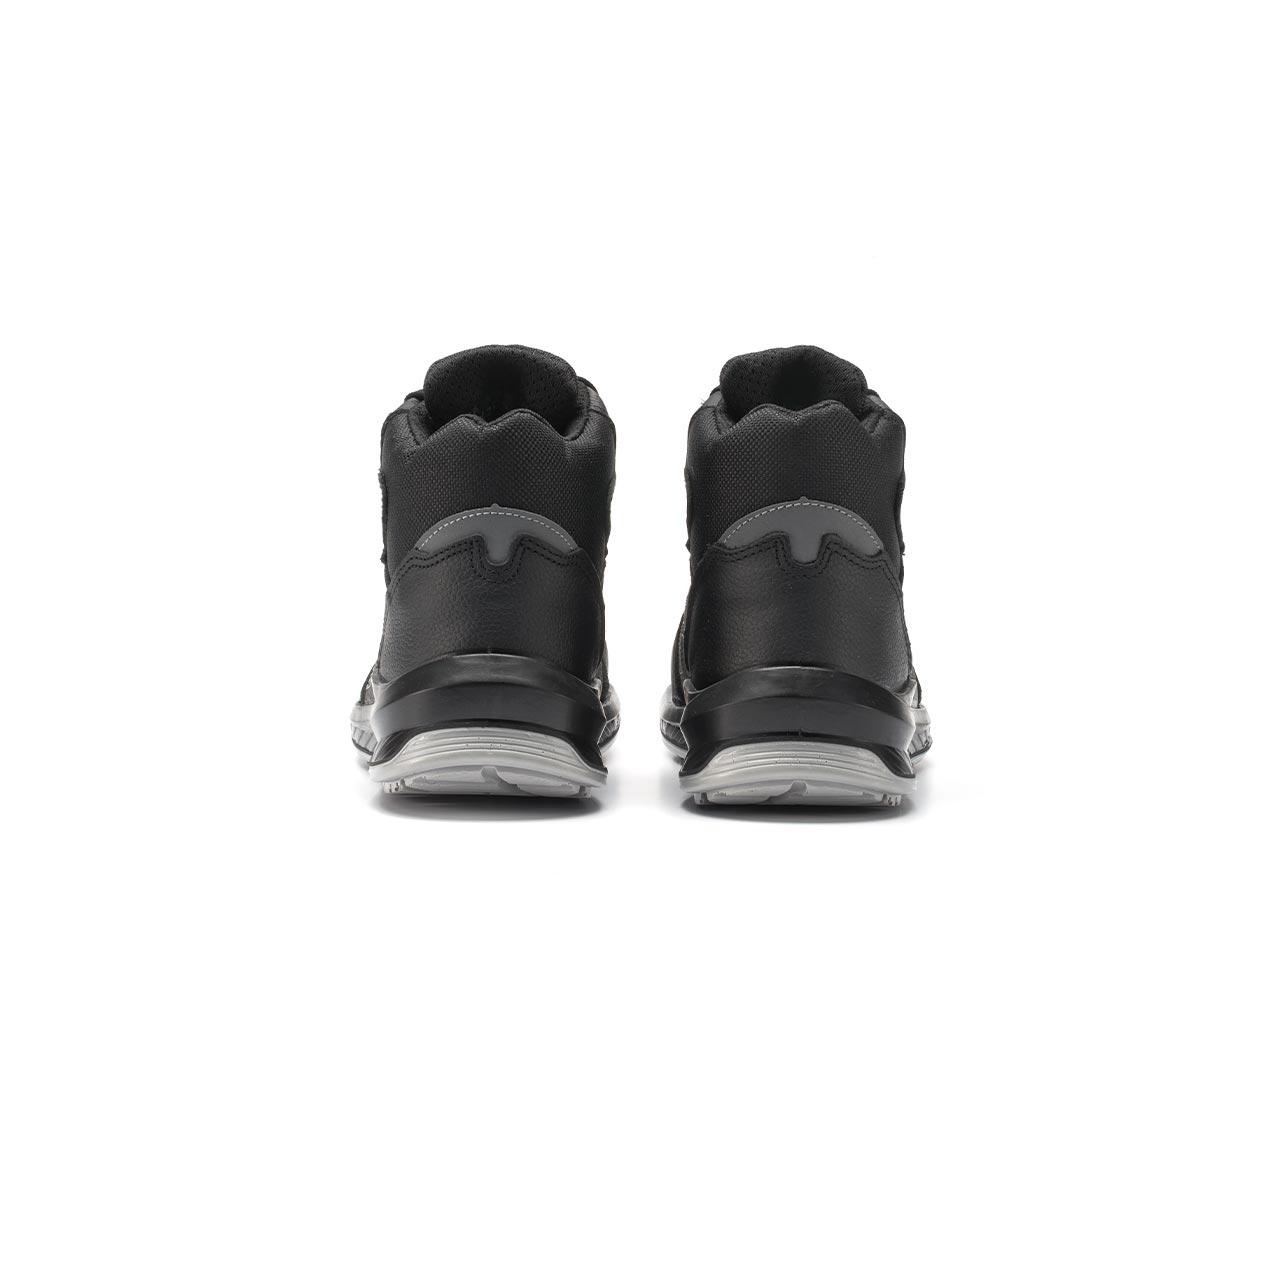 paio di scarpe antinfortunistiche alte upower modello scuro linea redindustry vista retro